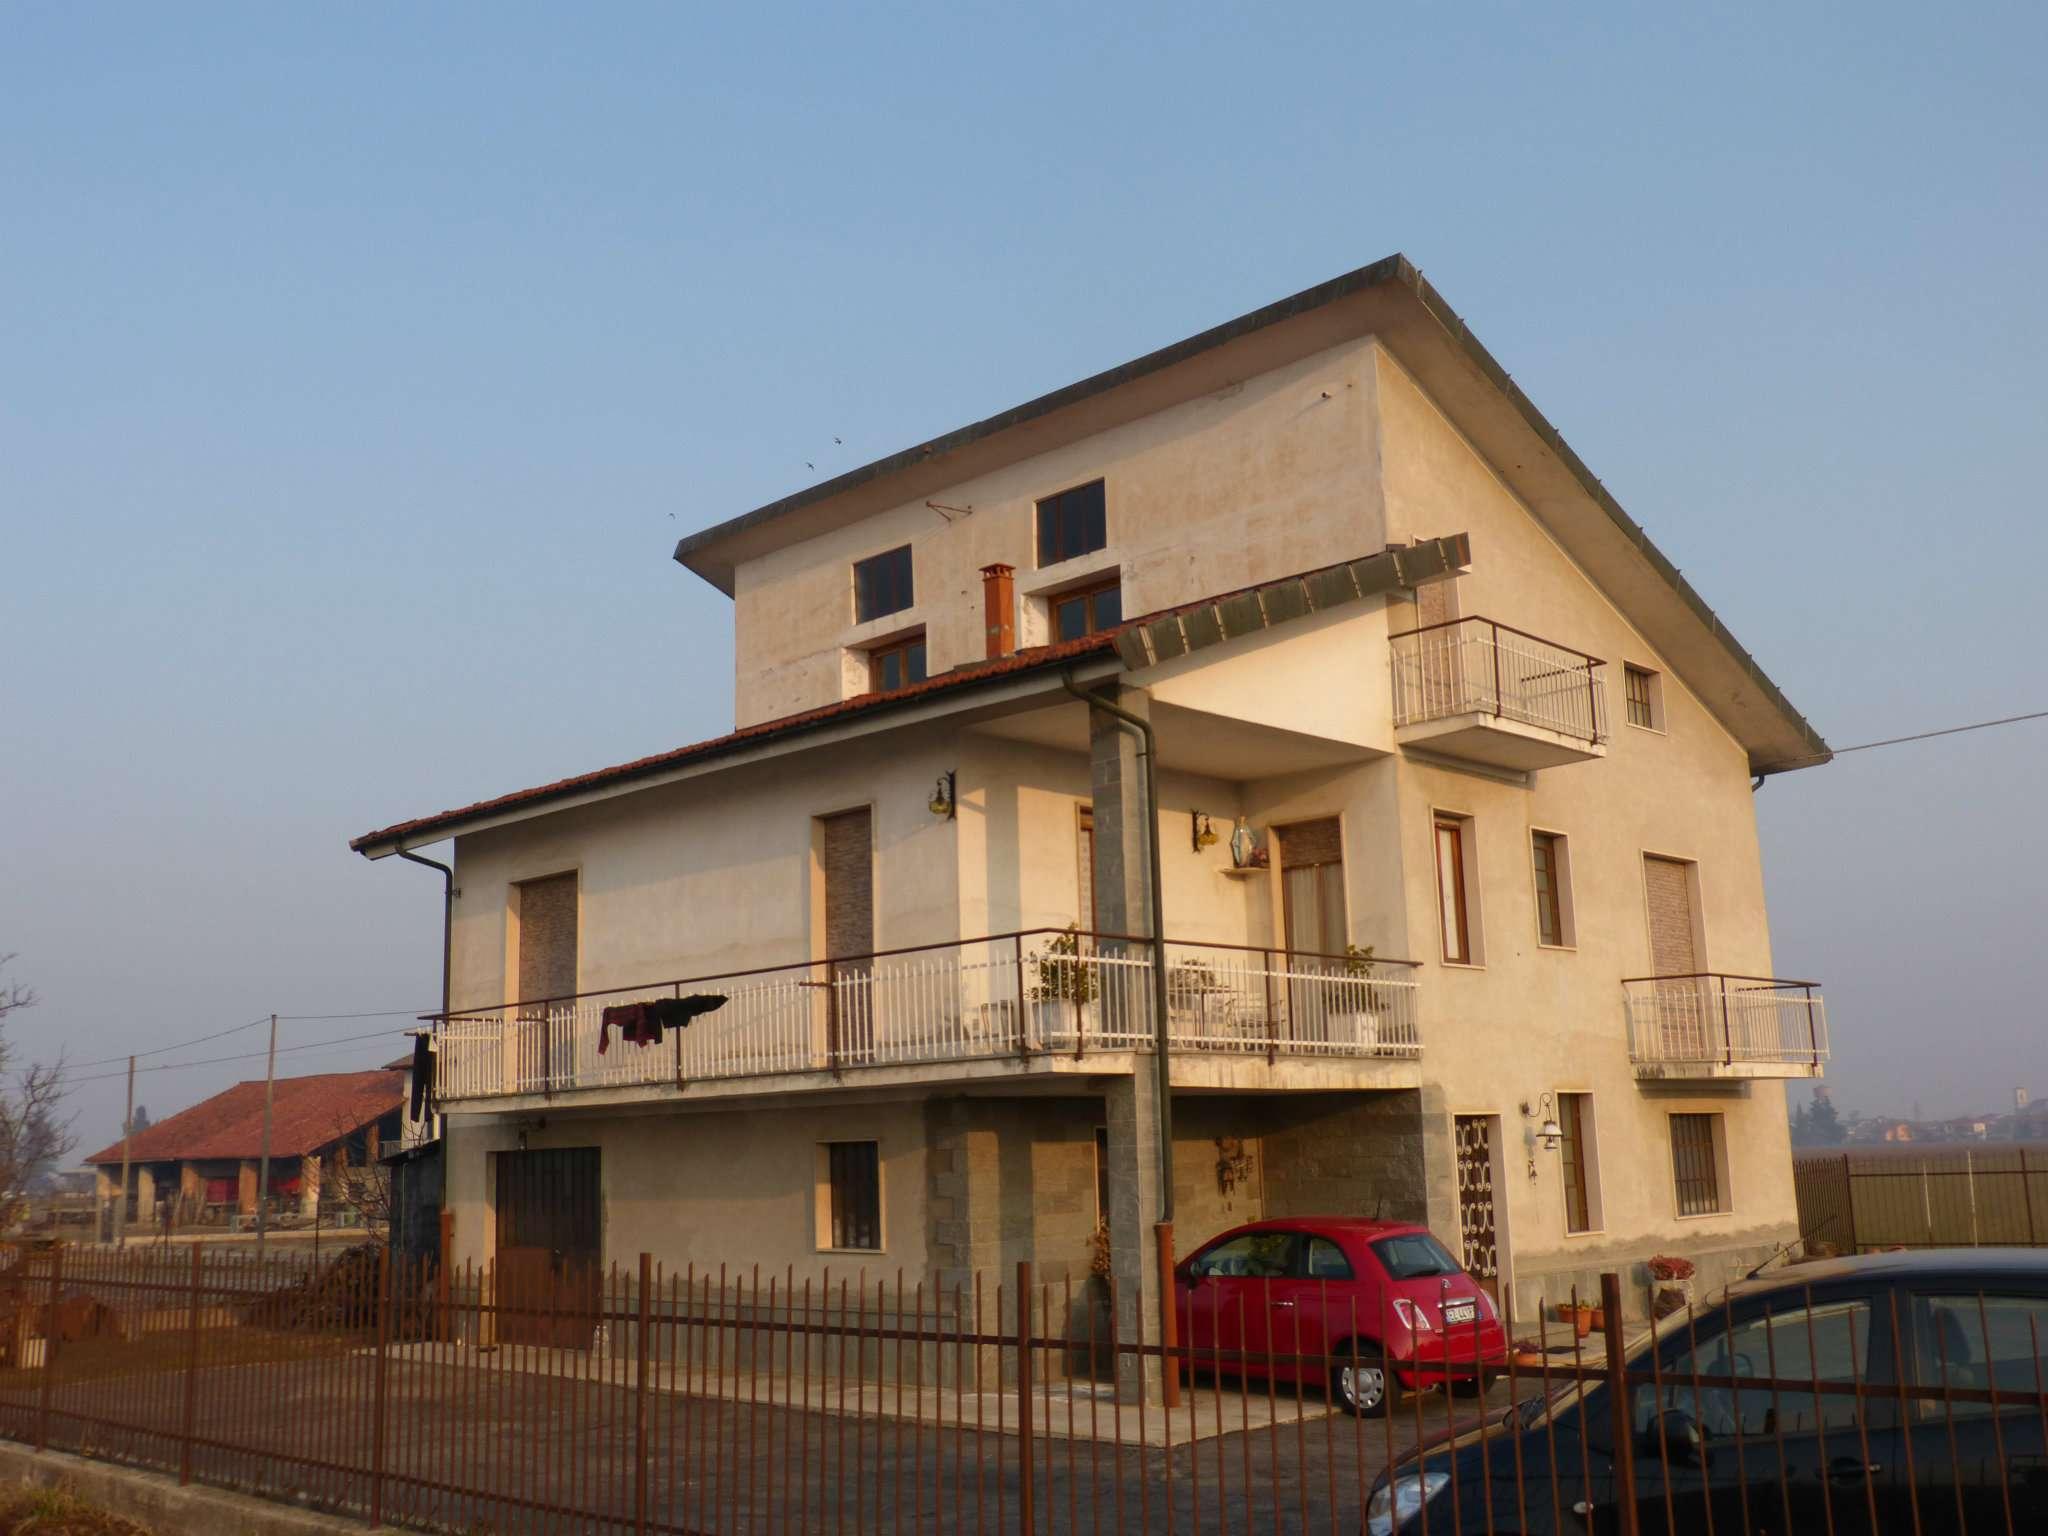 Soluzione Indipendente in vendita a Sant'Albano Stura, 5 locali, prezzo € 125.000 | CambioCasa.it